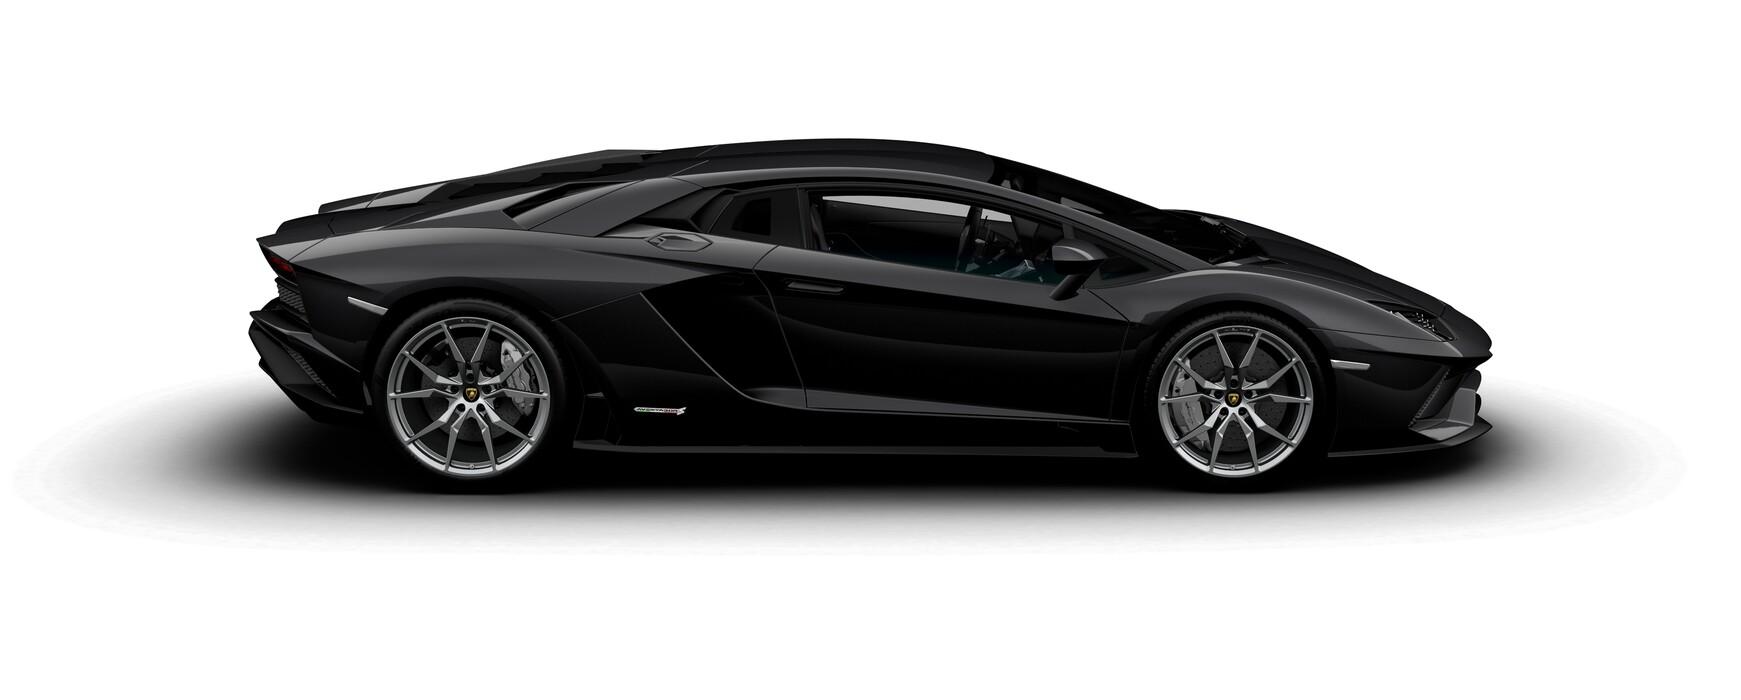 Lamborghini Aventador S Coupe metallic Nero Pegaso side view